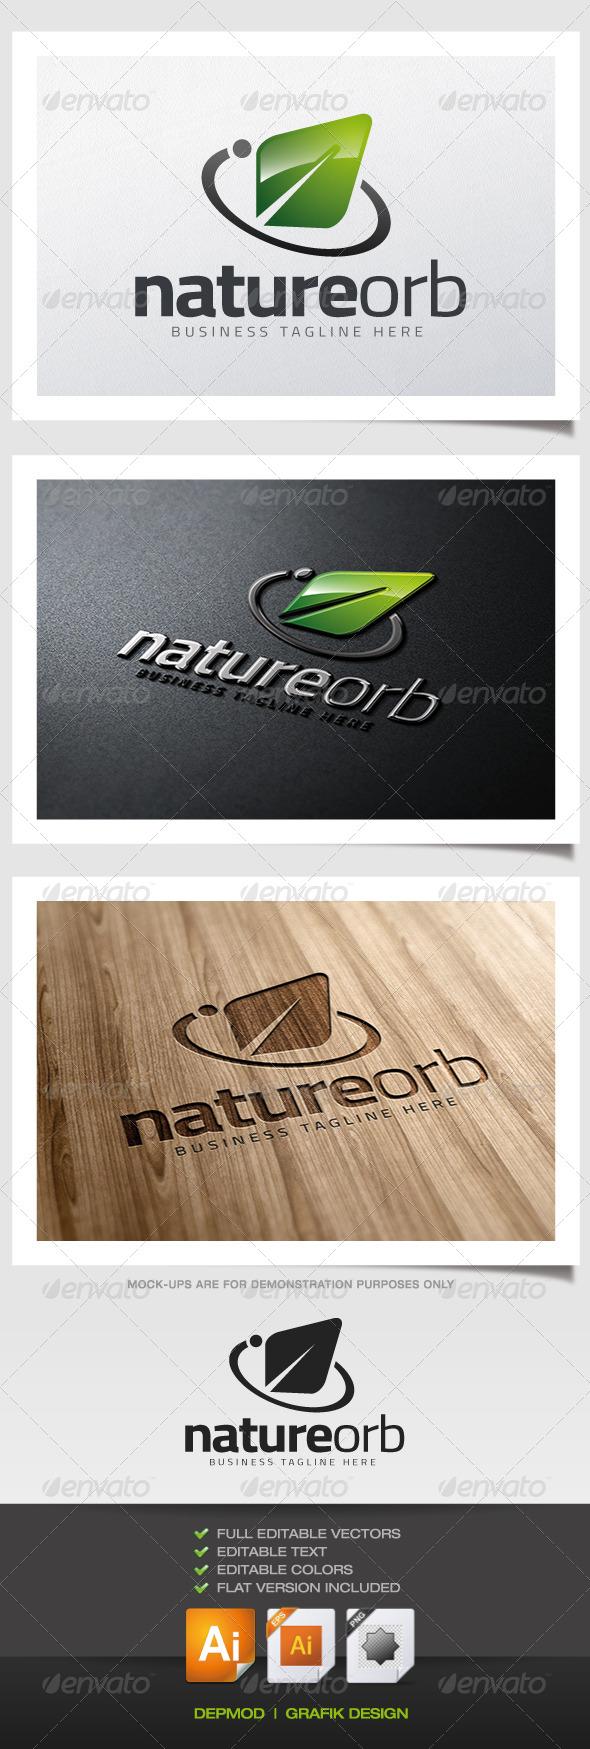 GraphicRiver Nature Orb Logo 5680052